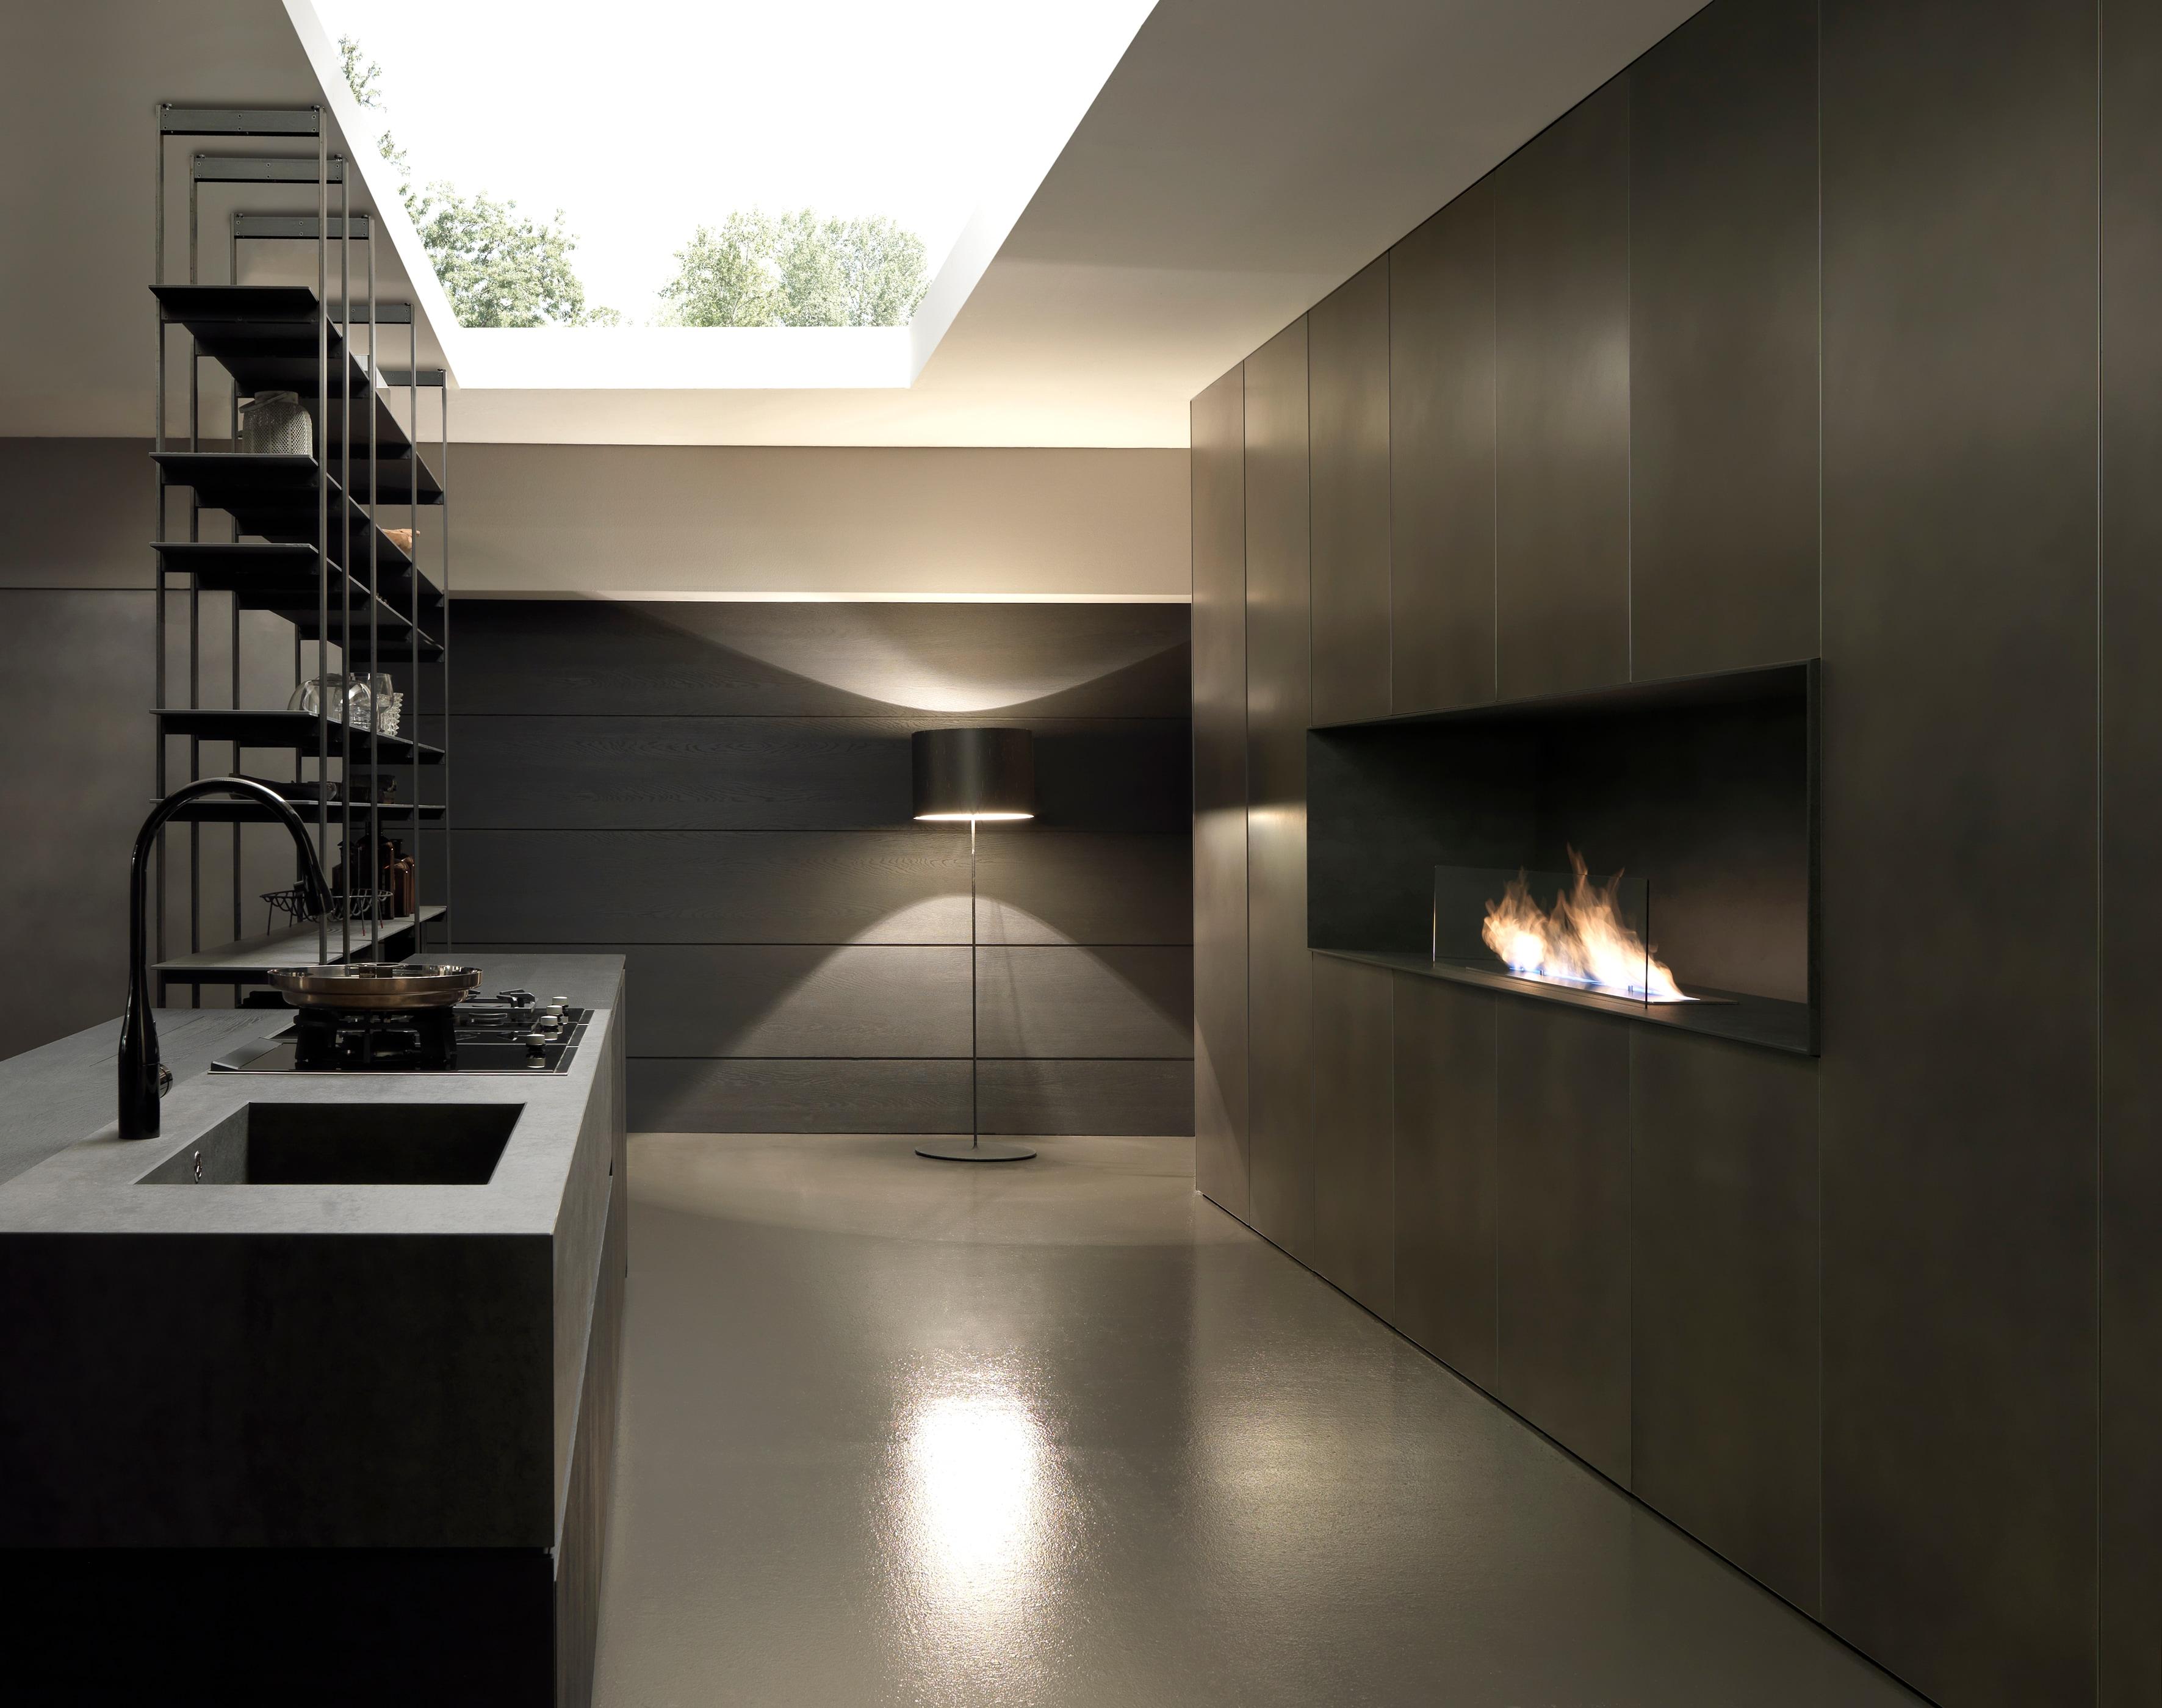 La rivoluzione progettuale in cucina - Interni Magazine